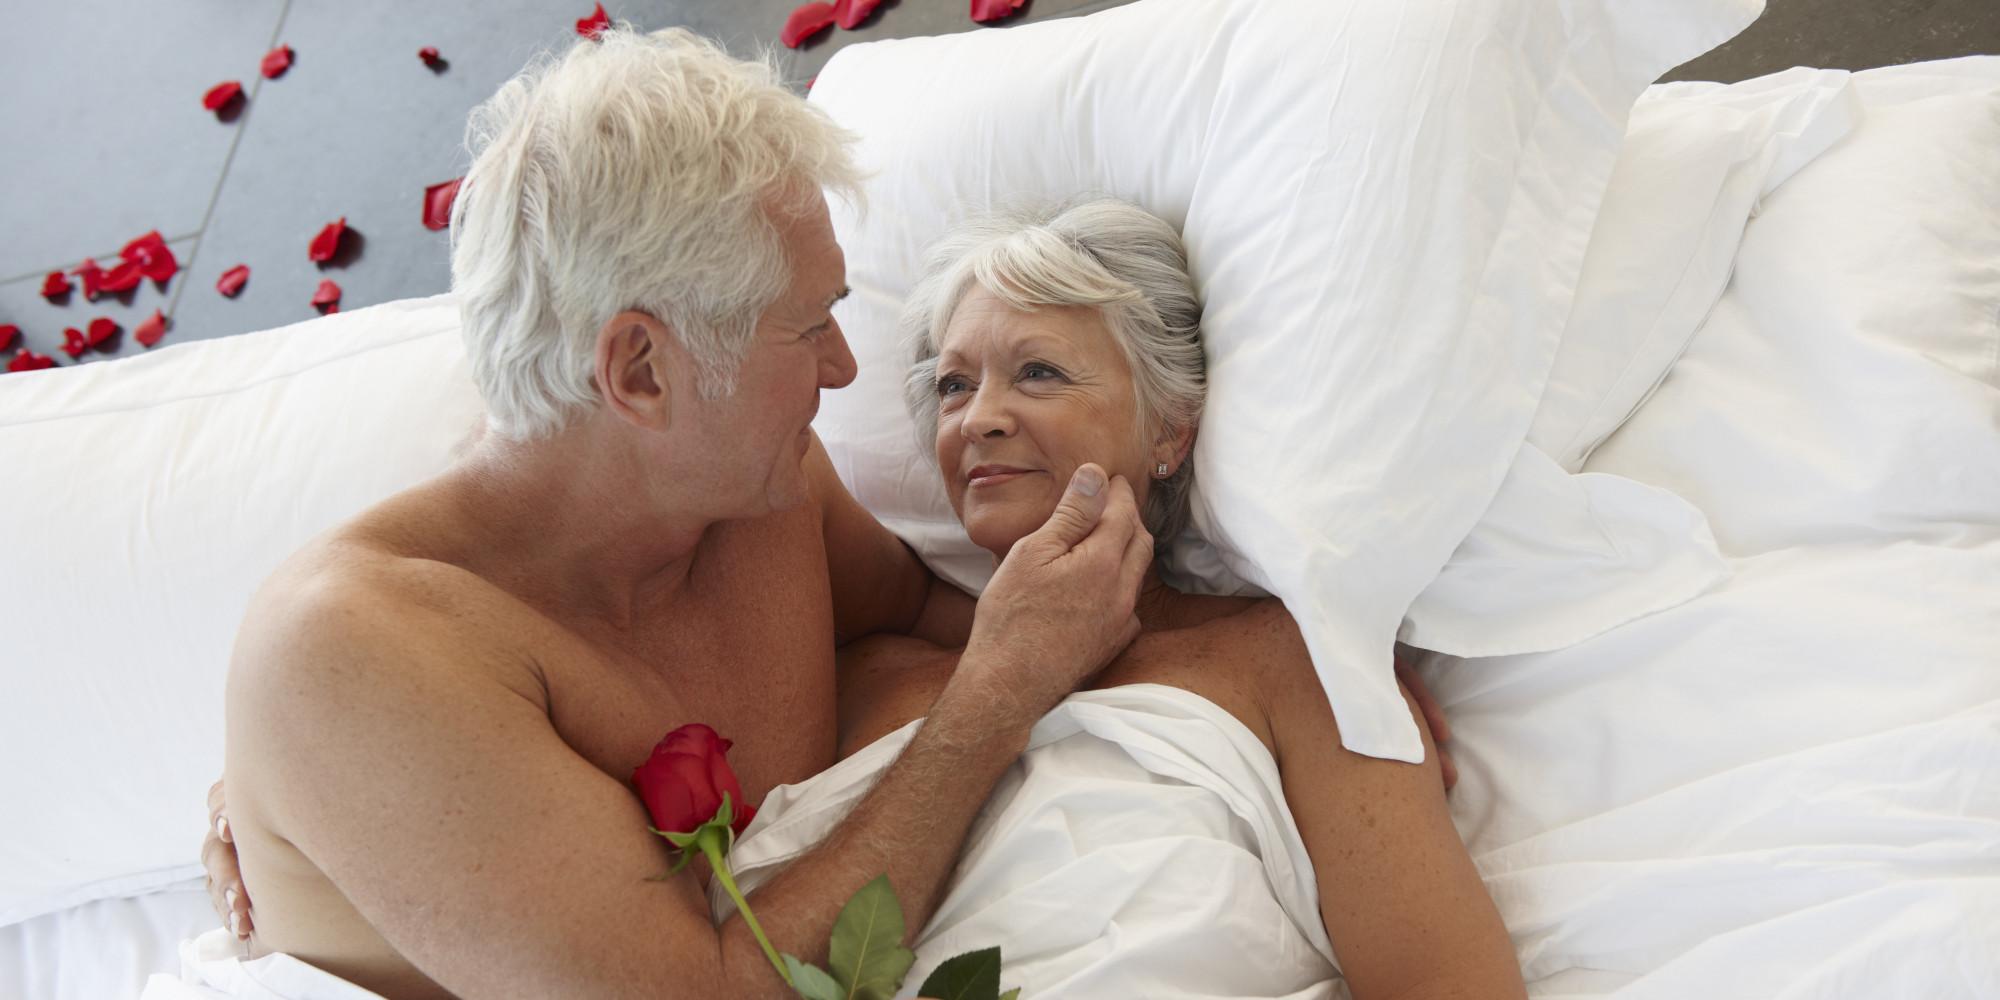 Better sex after 50